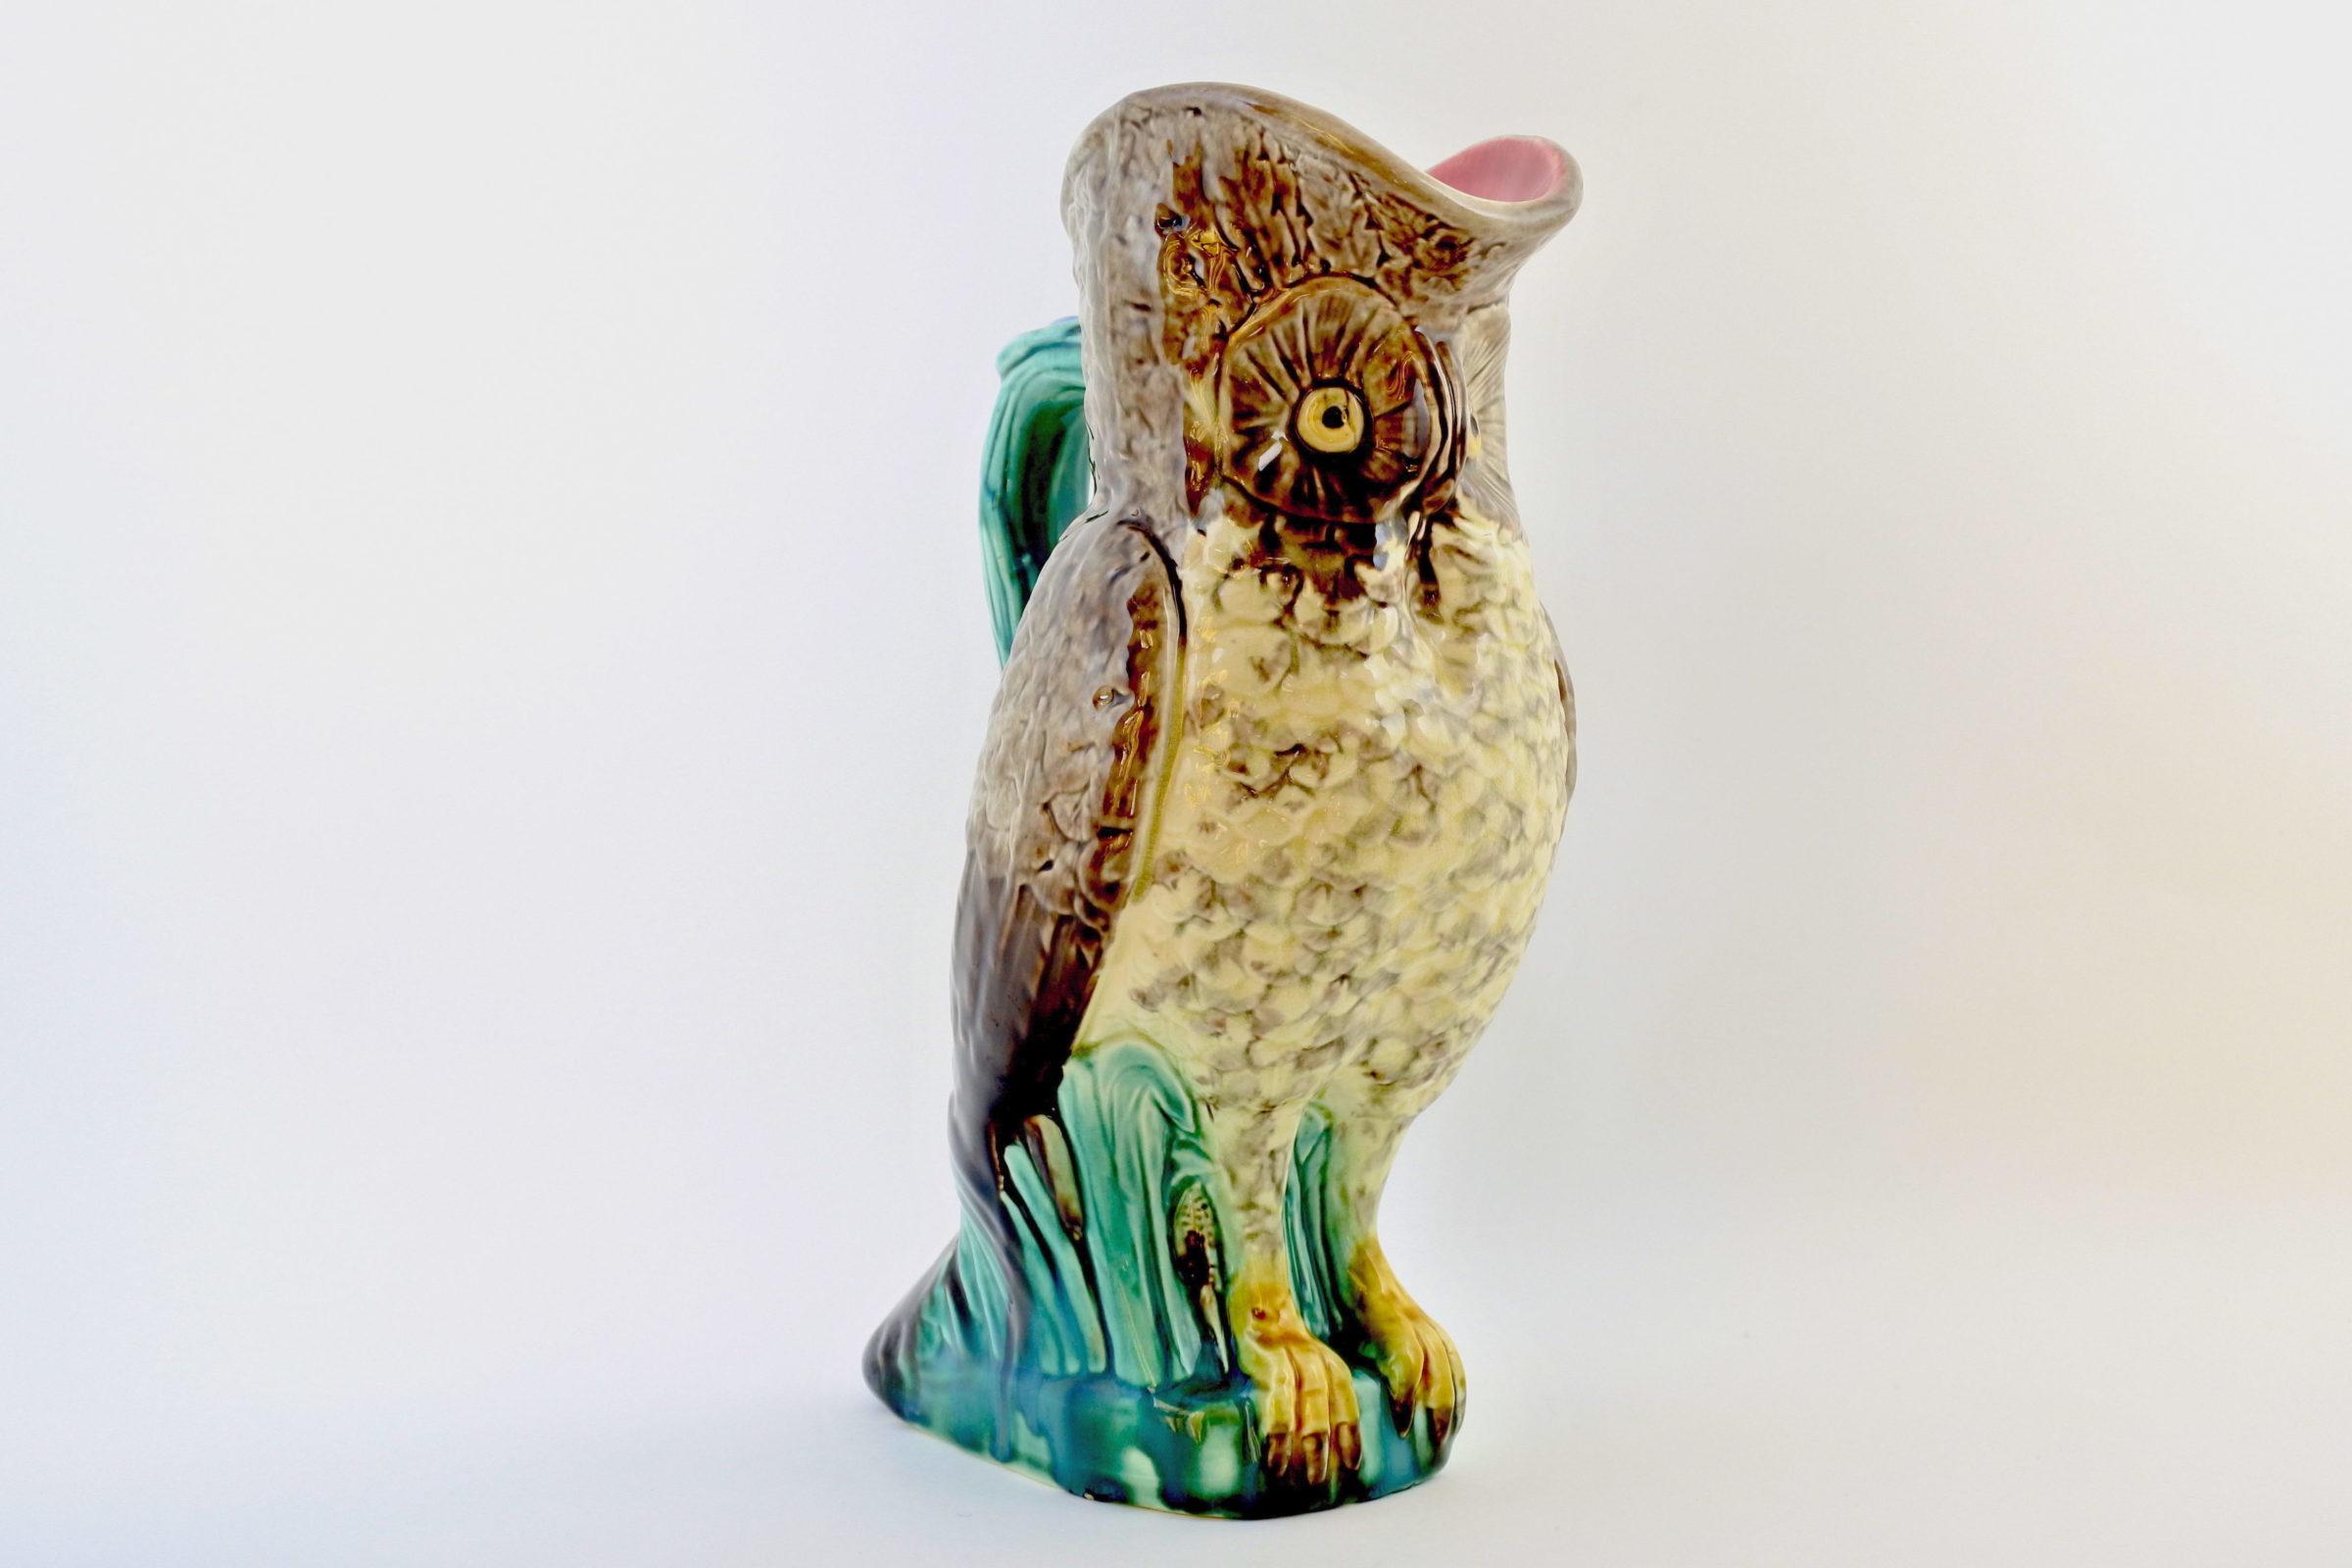 Brocca in ceramica barbotine a forma di civetta - Chouette - 4